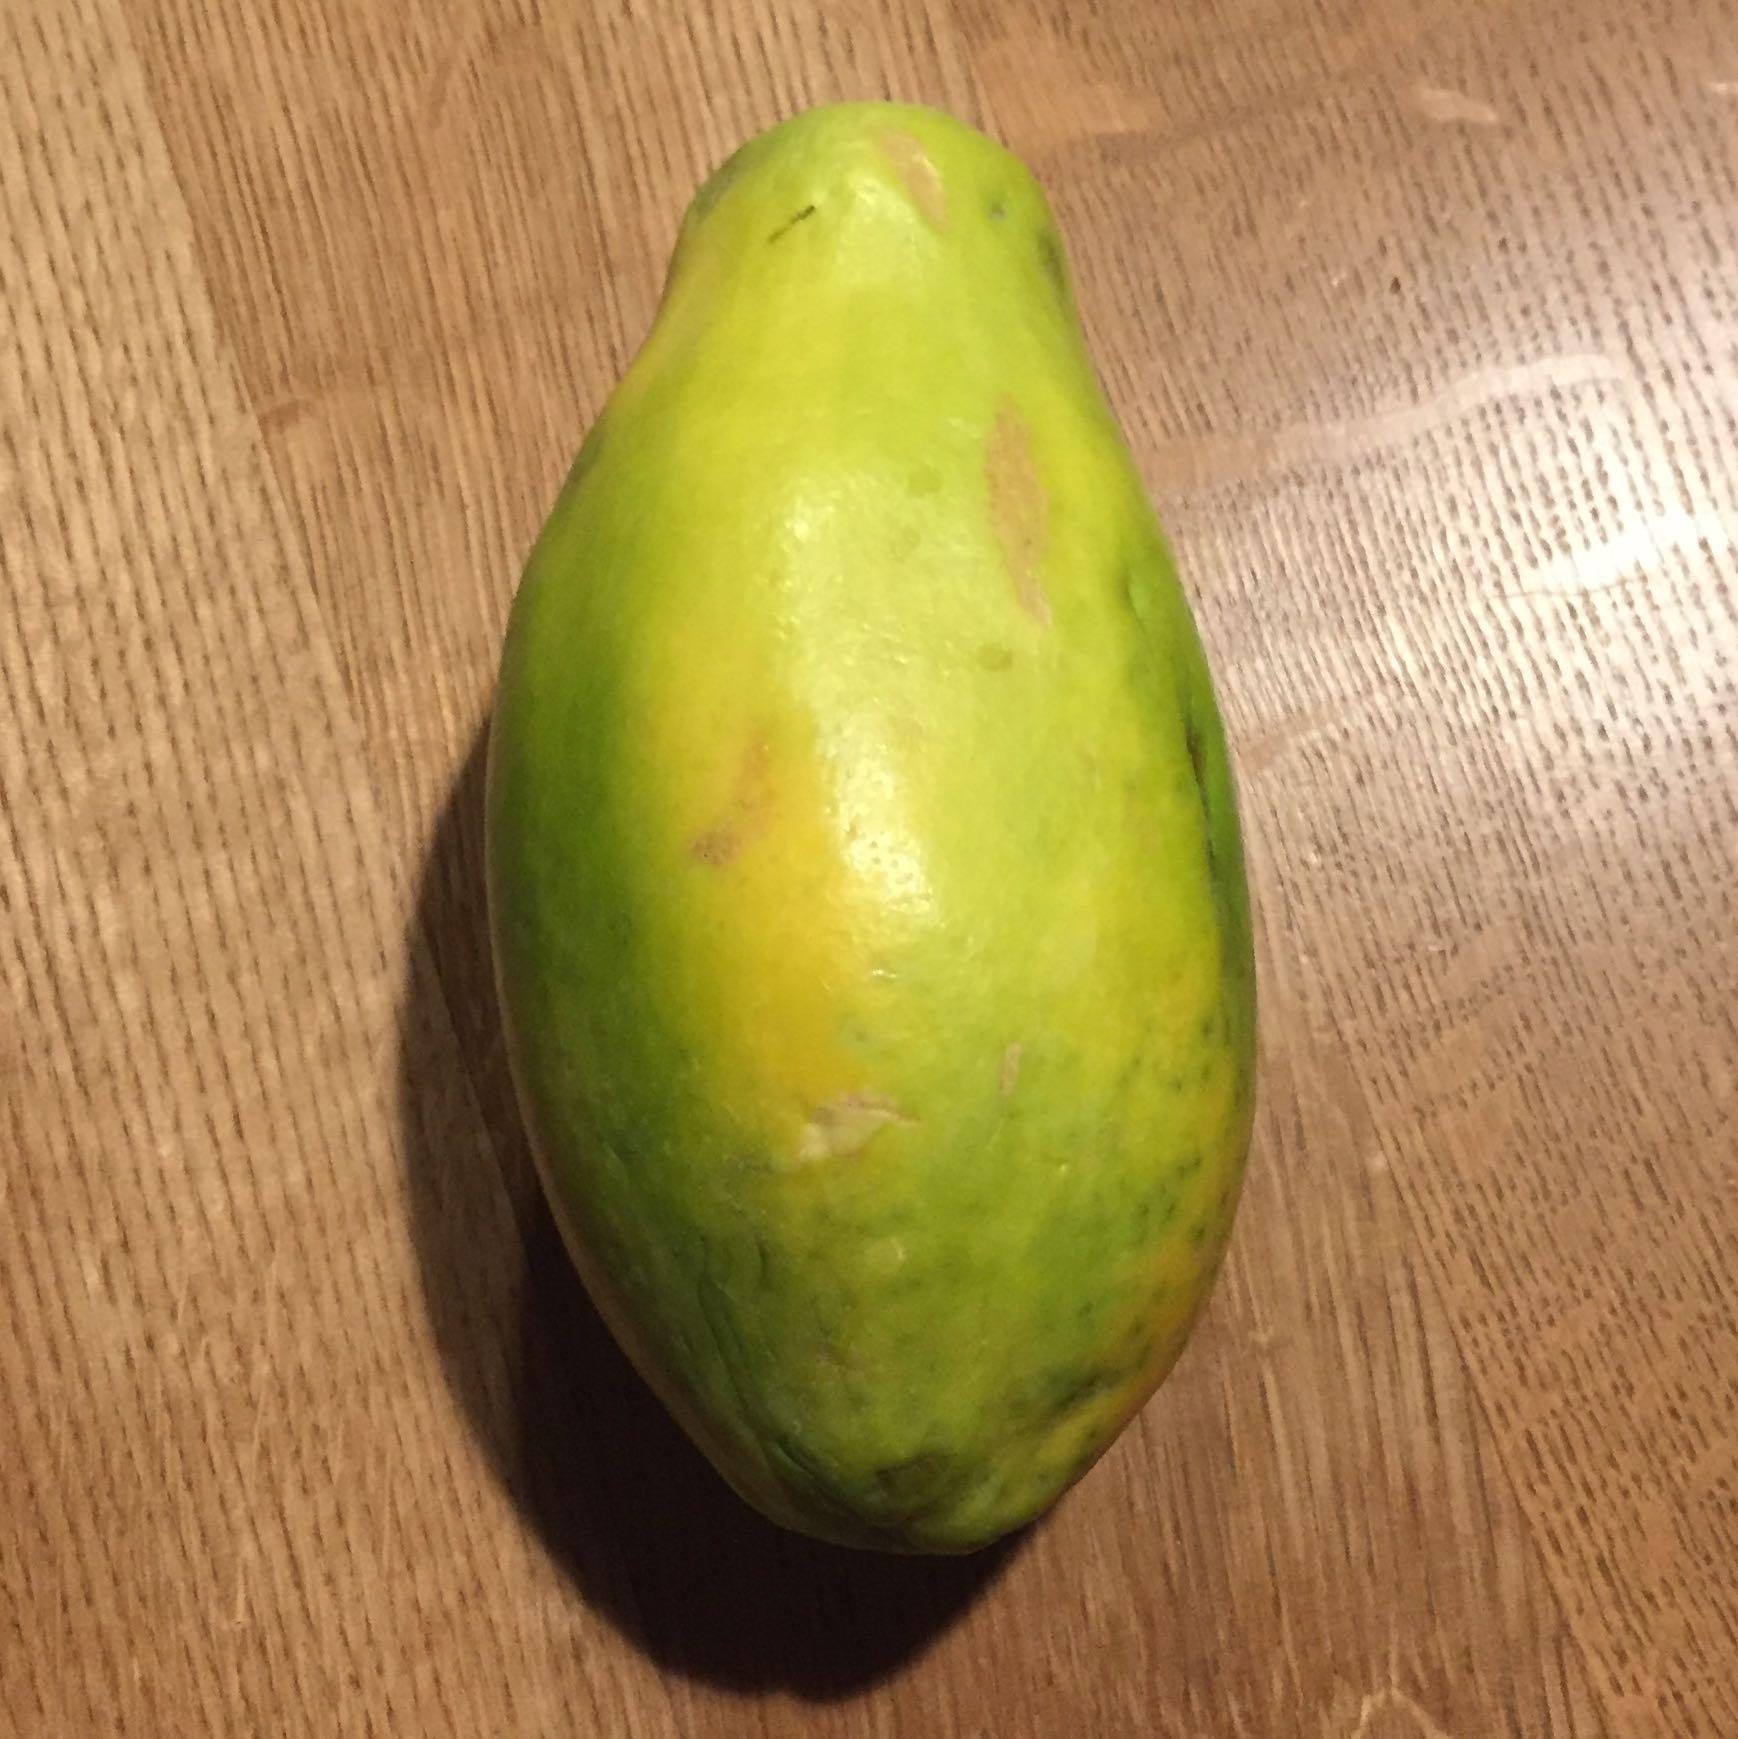 Welche Frucht ist das kann mir da jemand helfen? (Obst